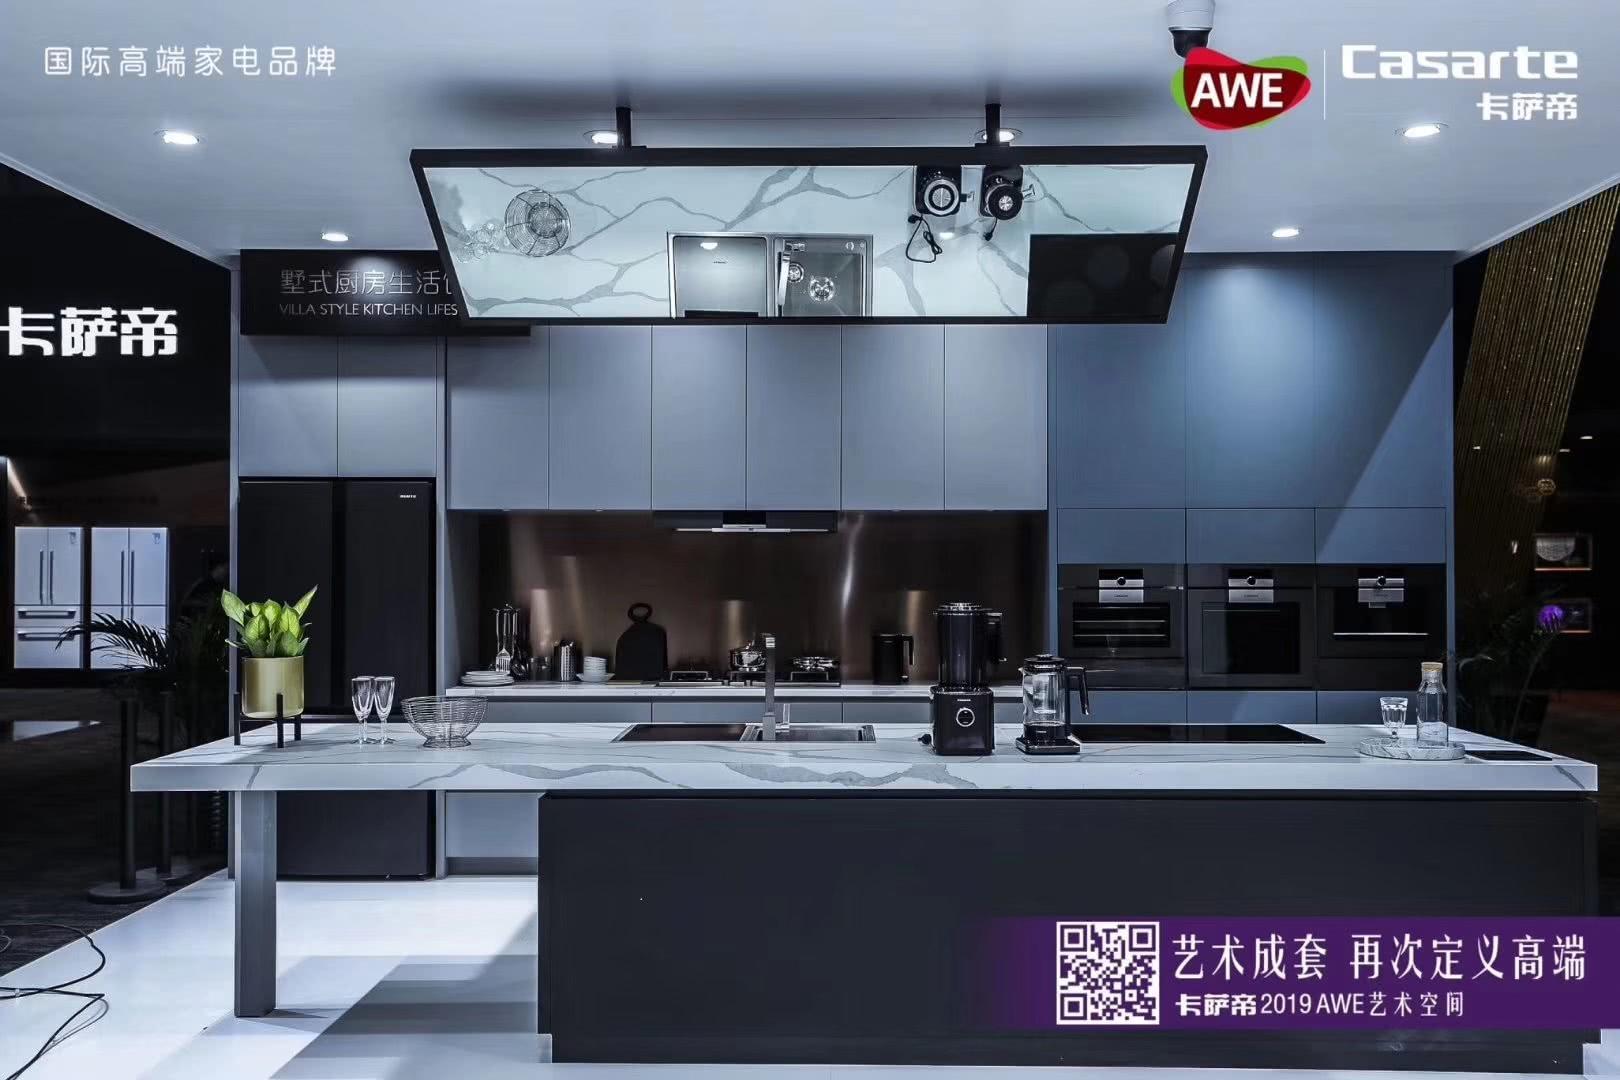 海尔携3大高端品牌全场景定制方案 重新定义现代厨房